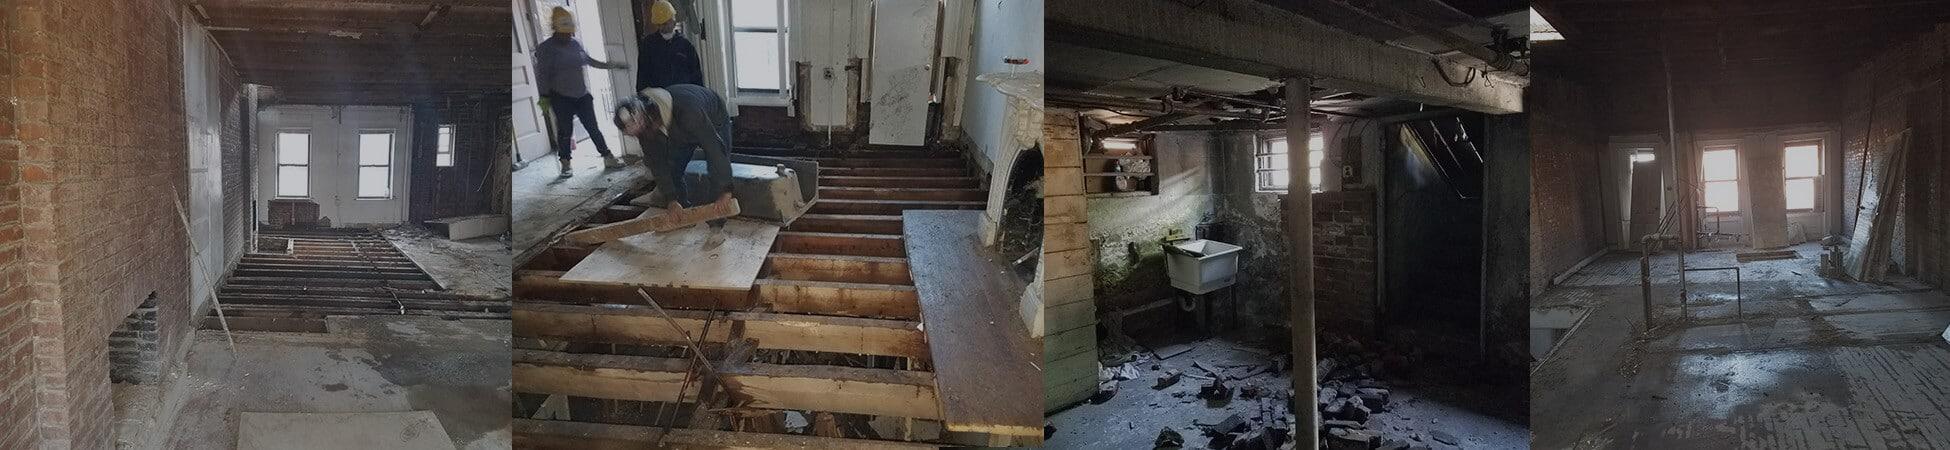 Interior demolition contractors